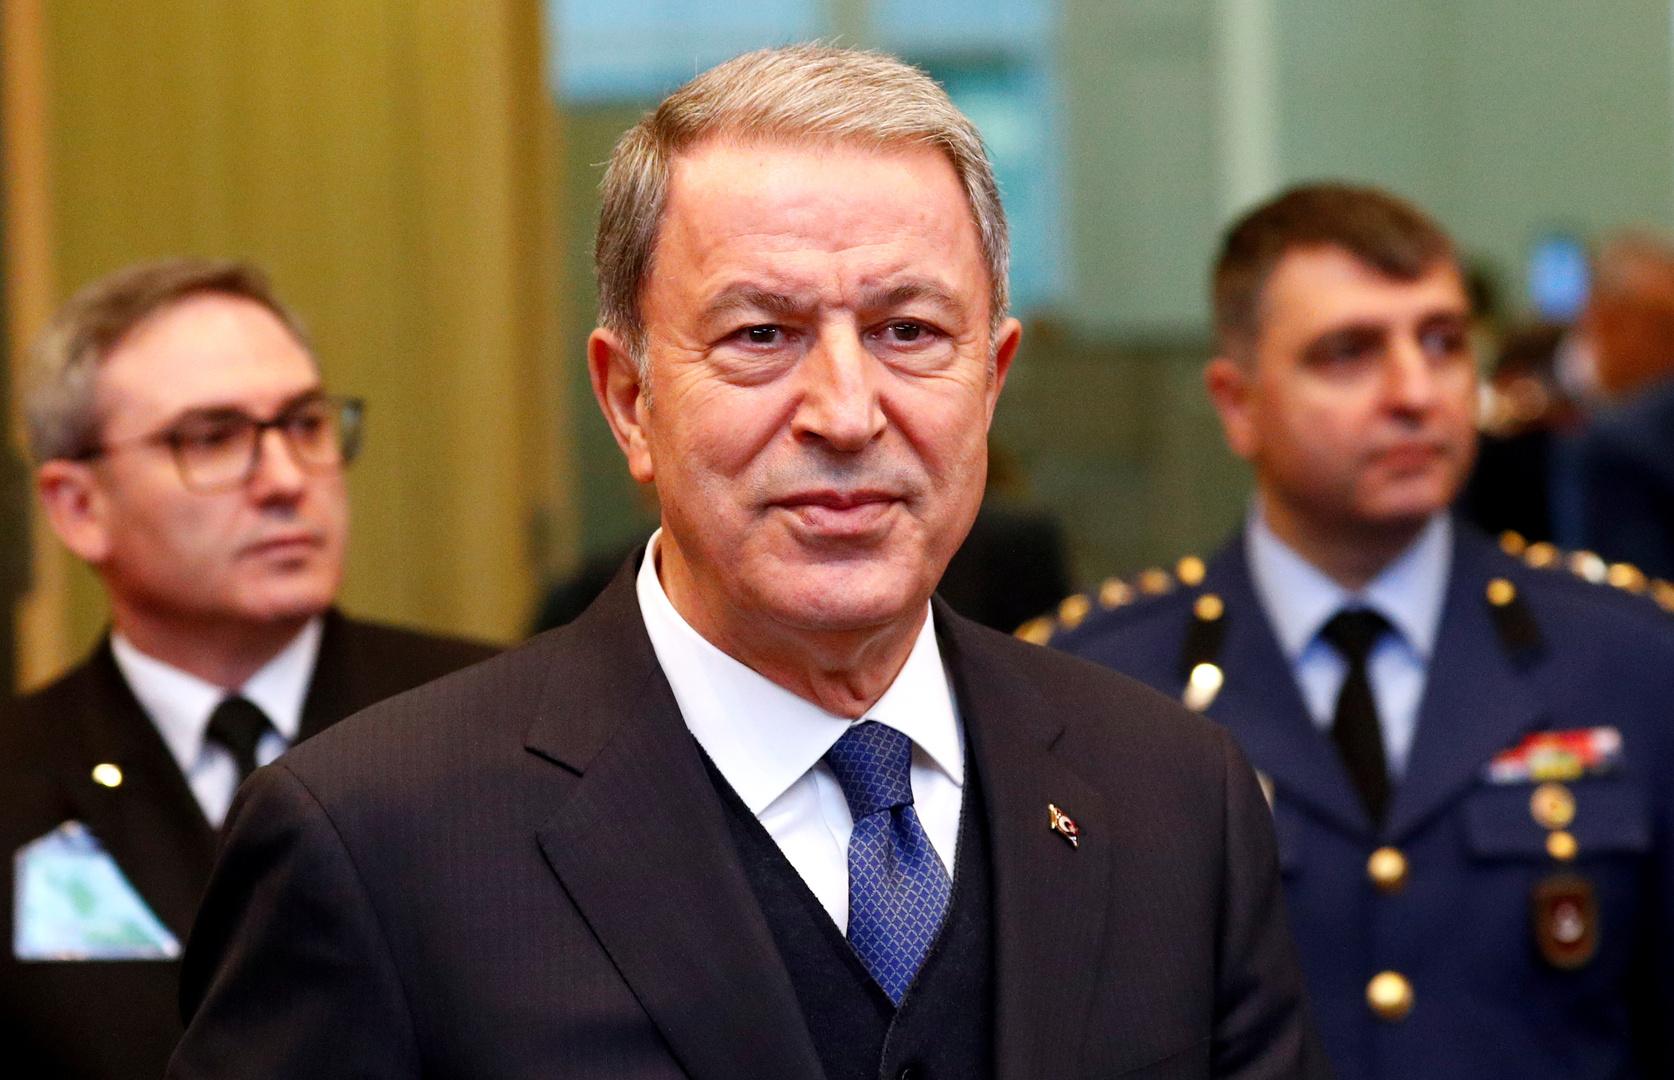 العامري: الجيش التركي يعدّ لمهاجمة جبل سنجار شمالي العراق